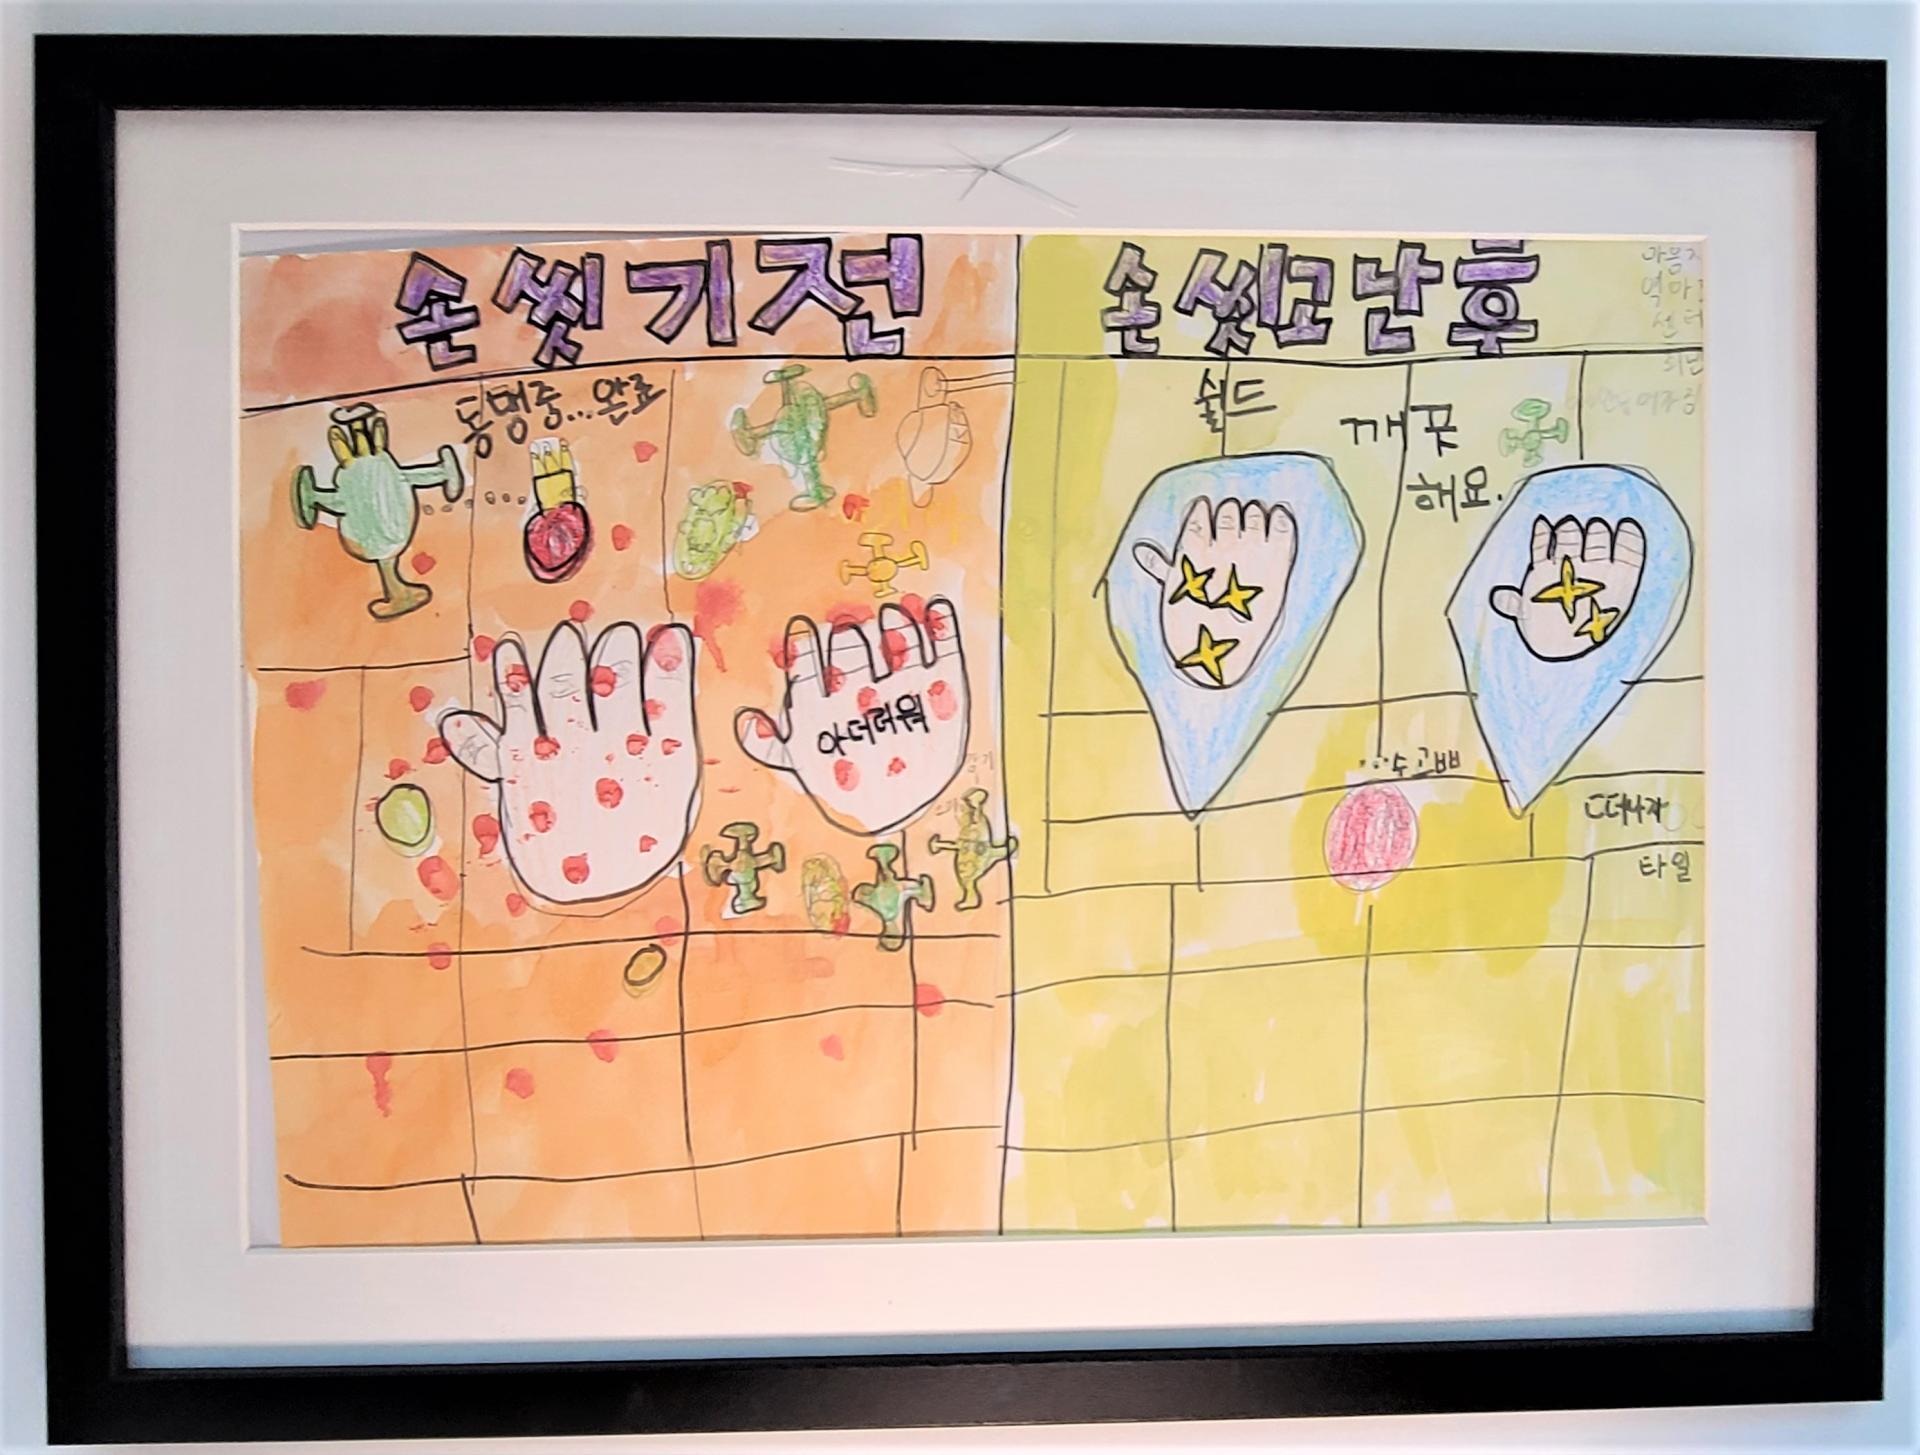 작품명 - 코로나19 퇴치에 대한 아이들의 염원